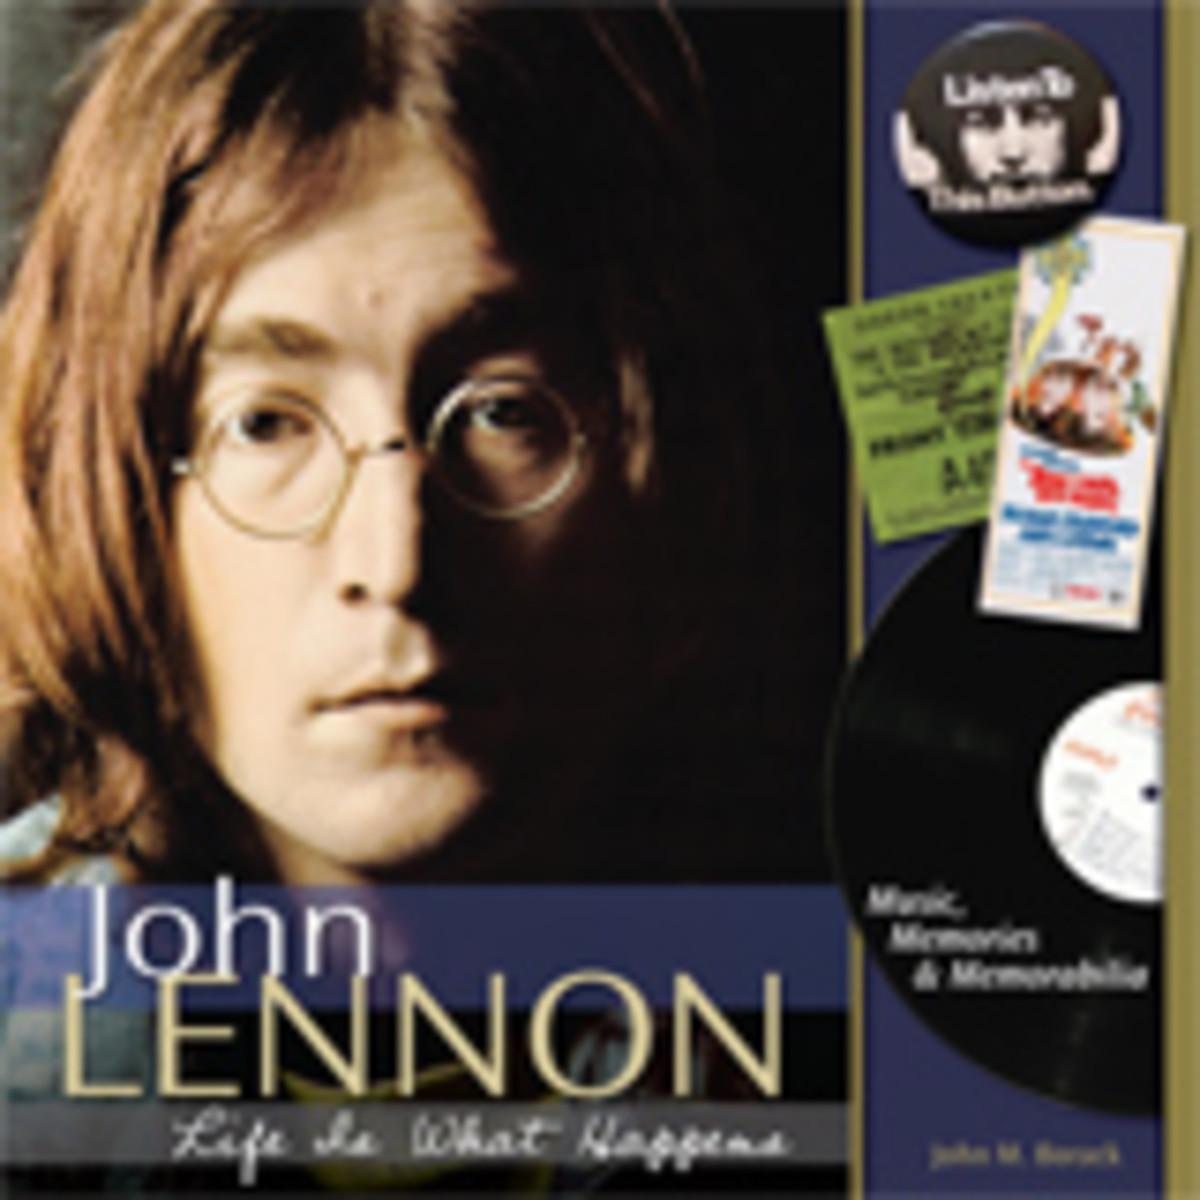 john lennon memribilia book cover